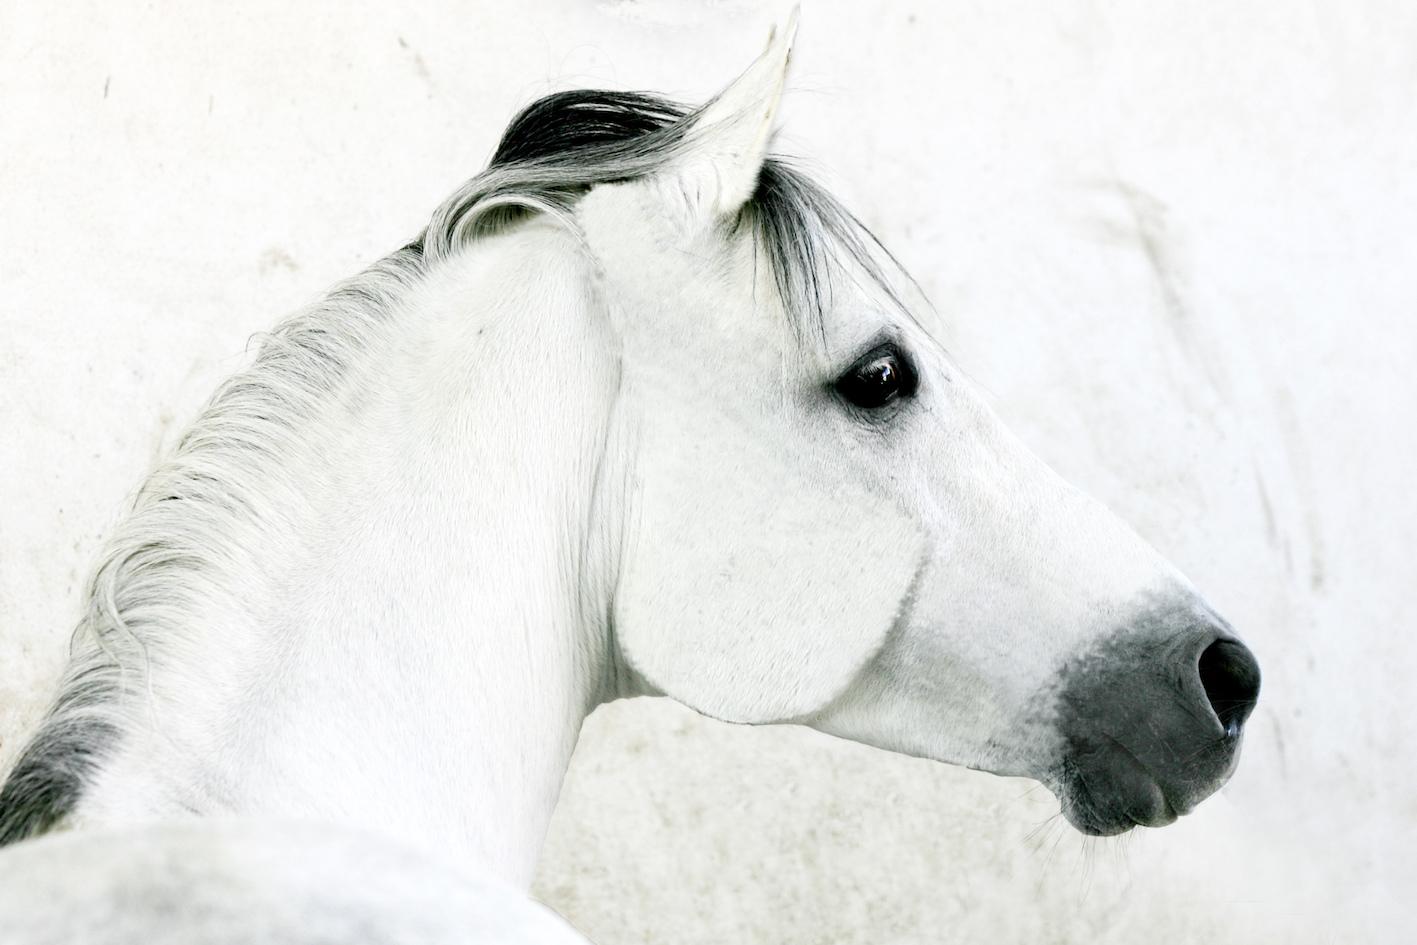 Le regard du cheval